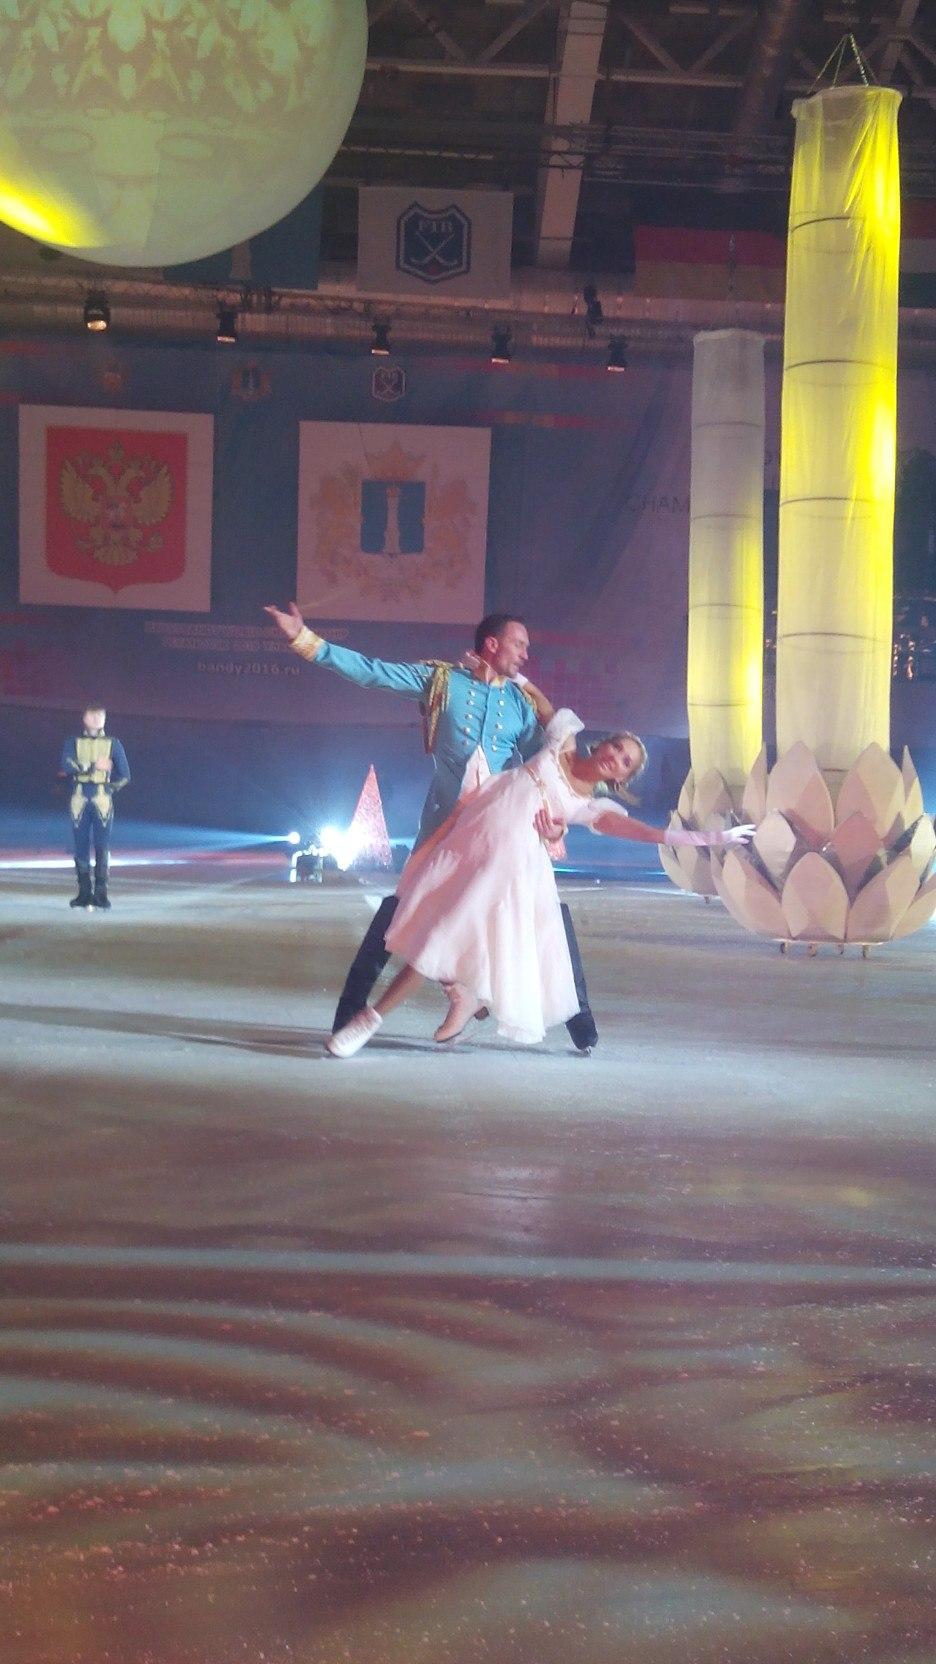 Церемония  открытия ЧМ по хоккею в Ульяновске WWAmAuj8zOg